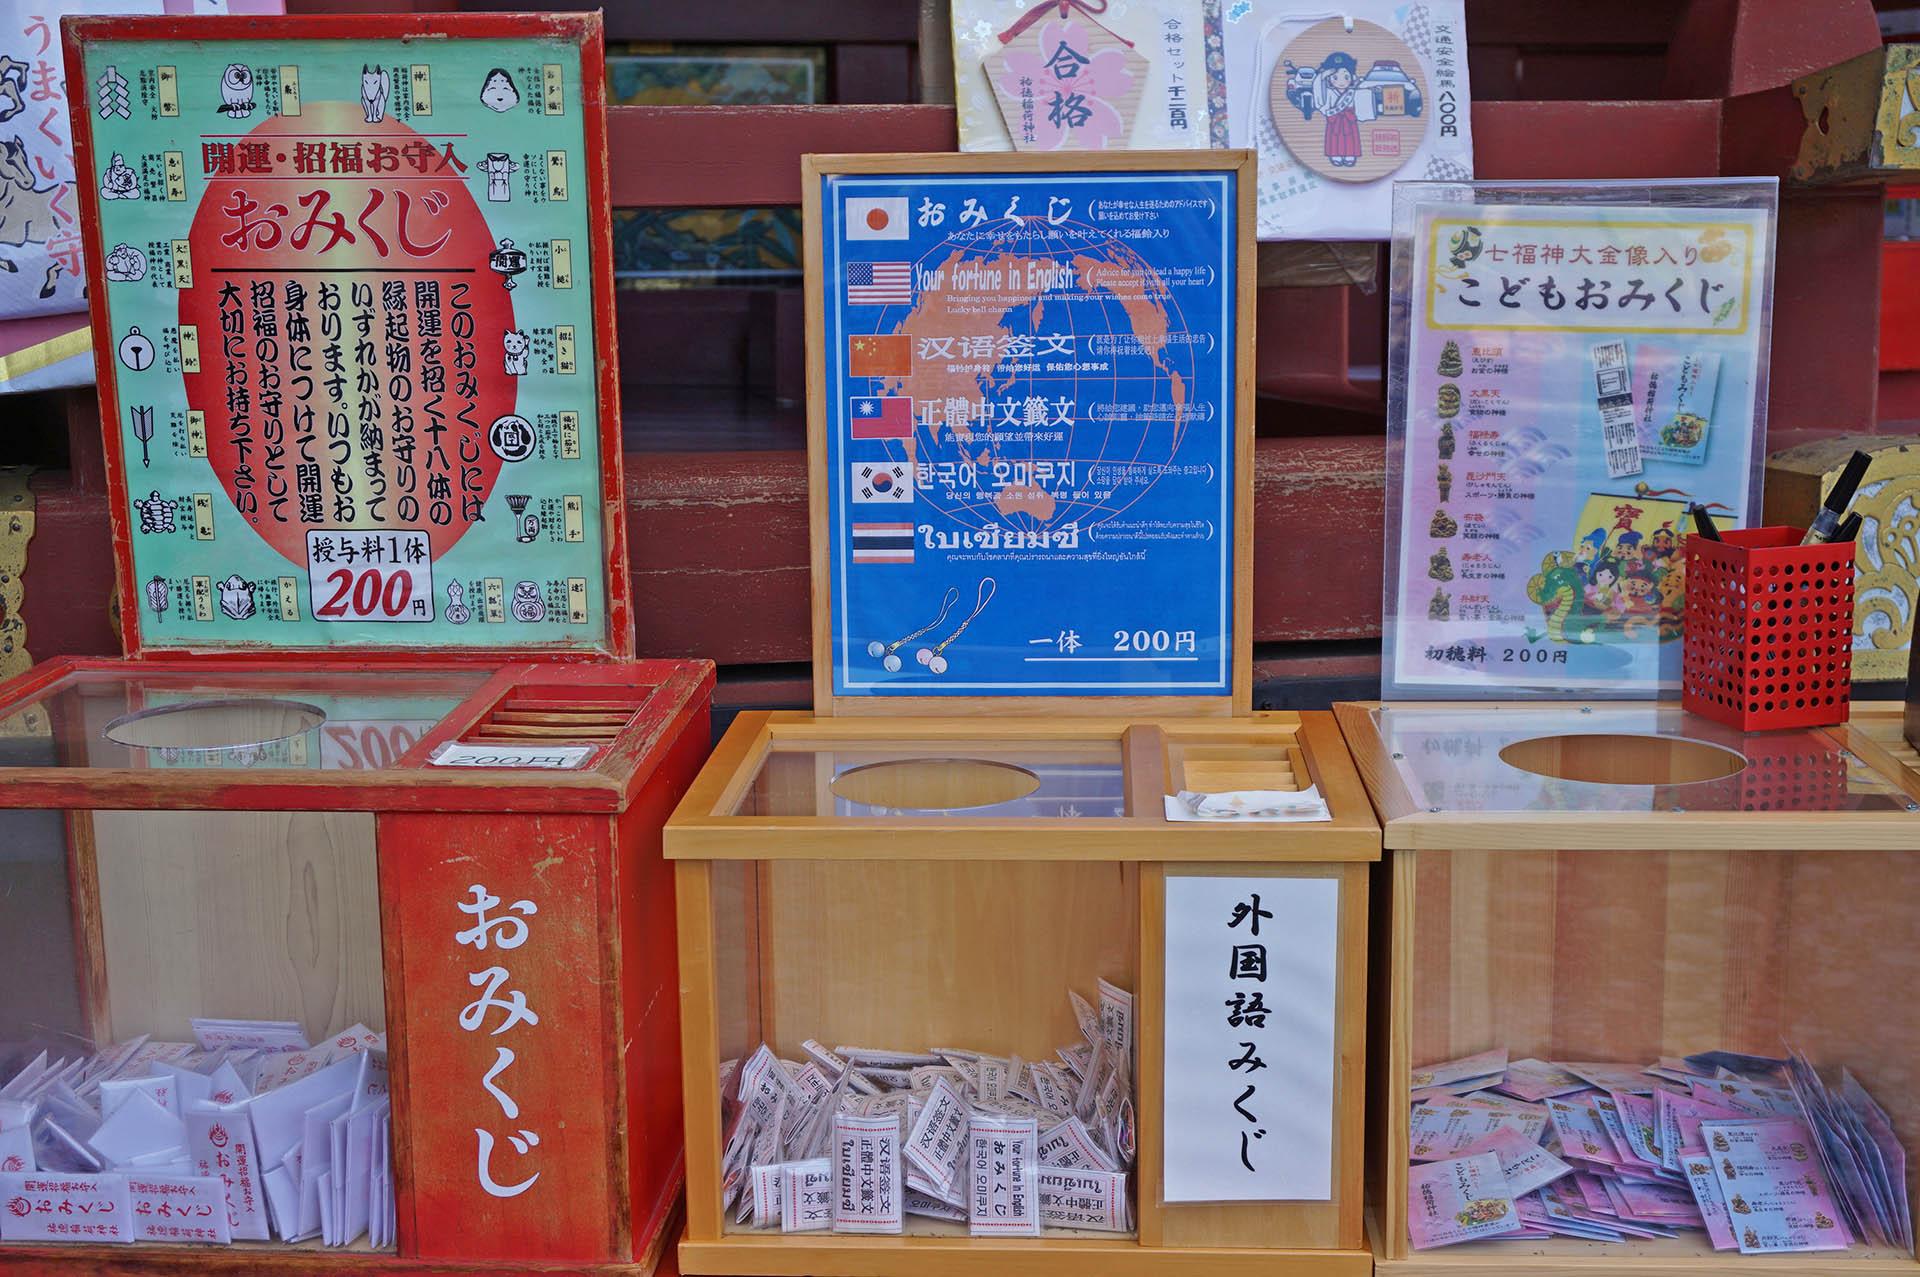 祐徳稲荷神社のおみくじ